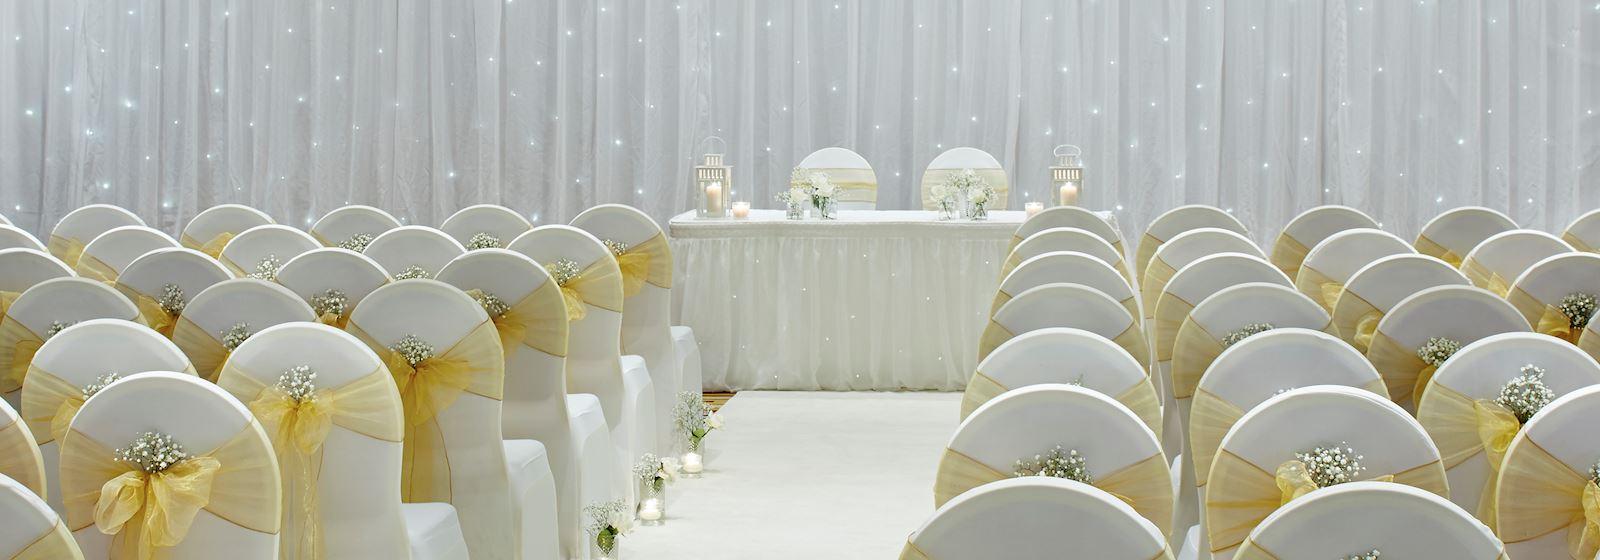 Leeds Marriott Hotel Weddings